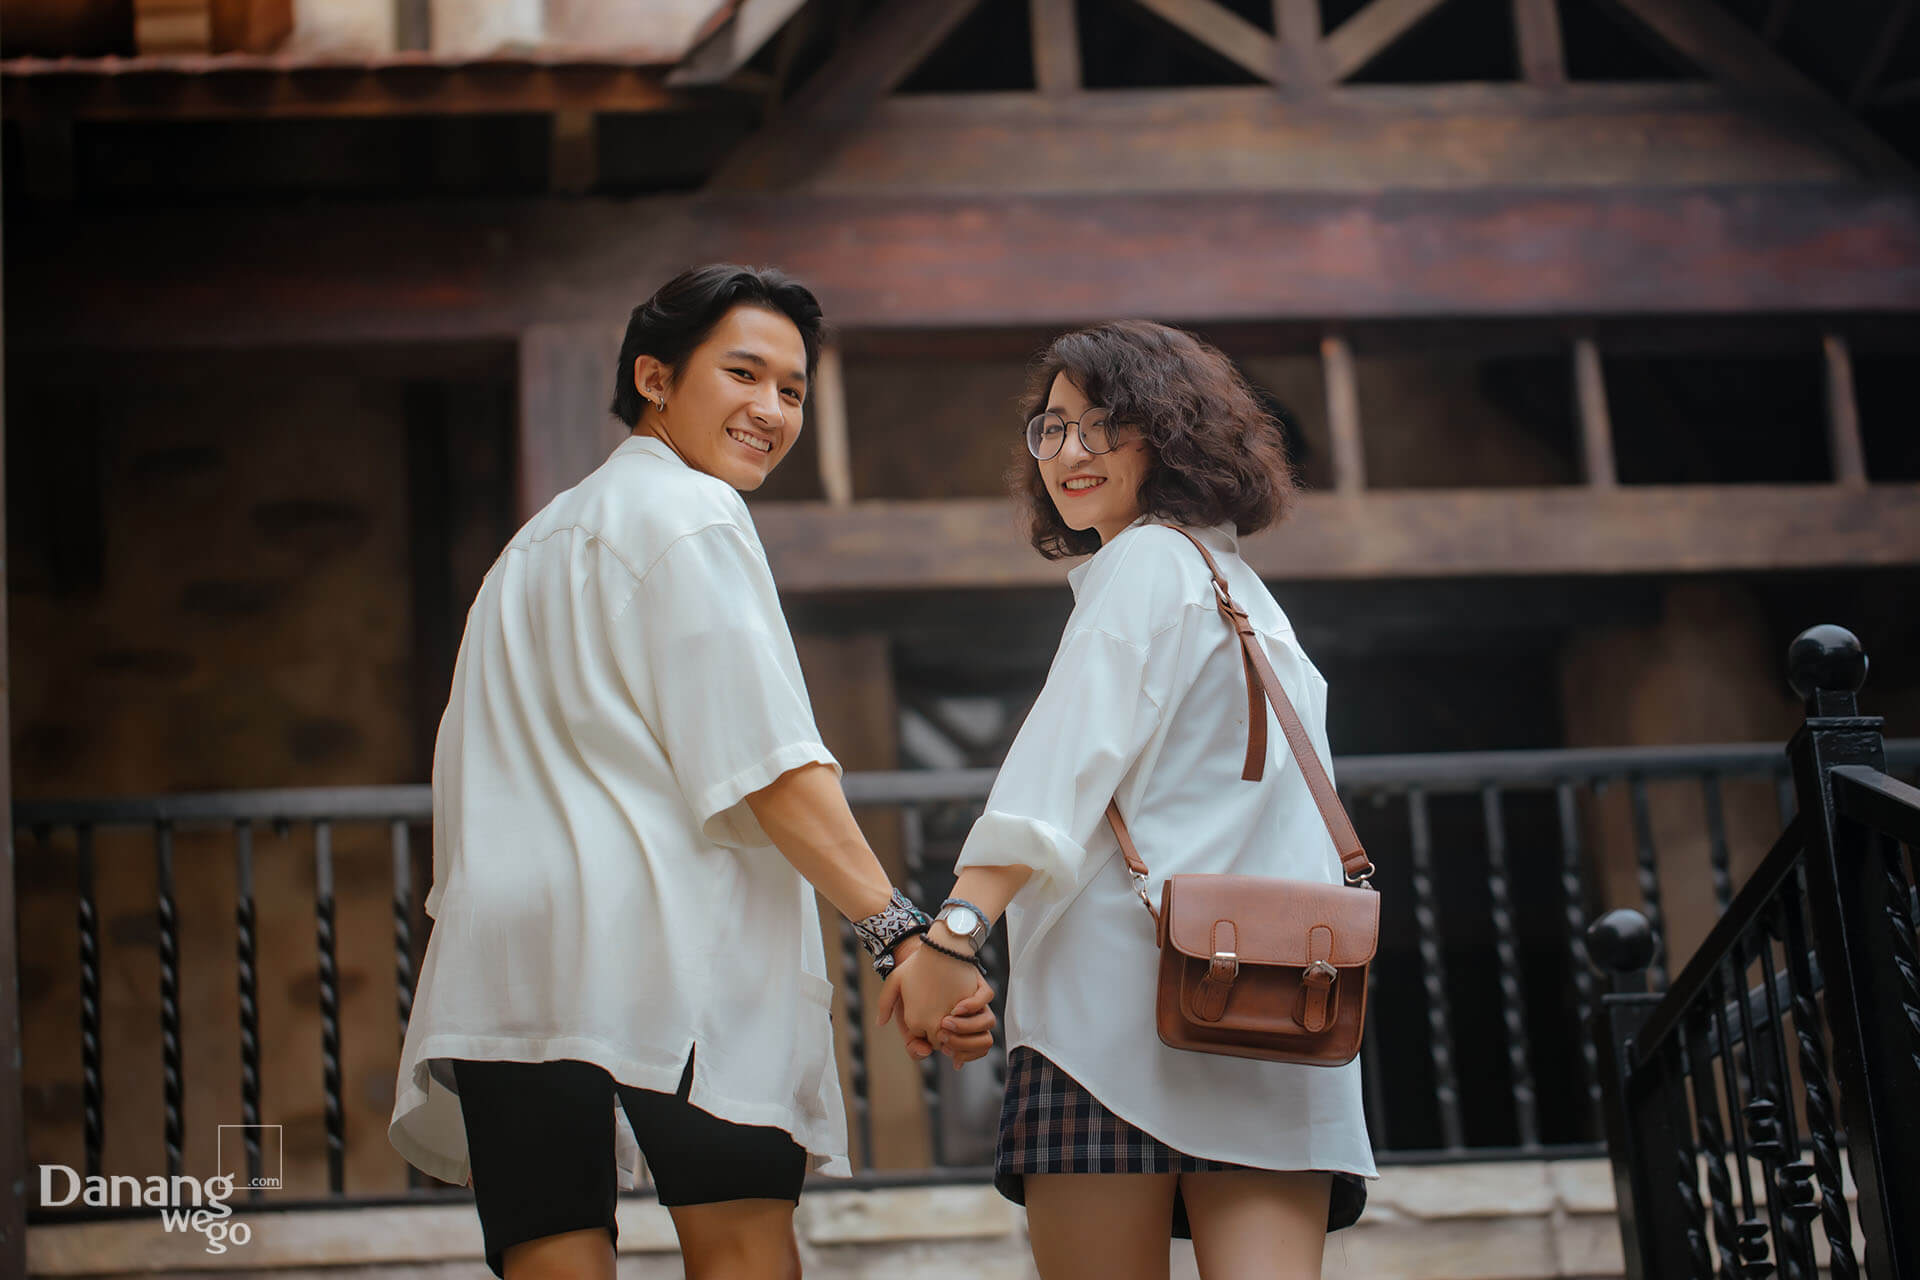 Xu Huongdu Lich Ket Hop Chup Album Anh Couple Tai Ba Na Va Hoi An Danangwego Com 023